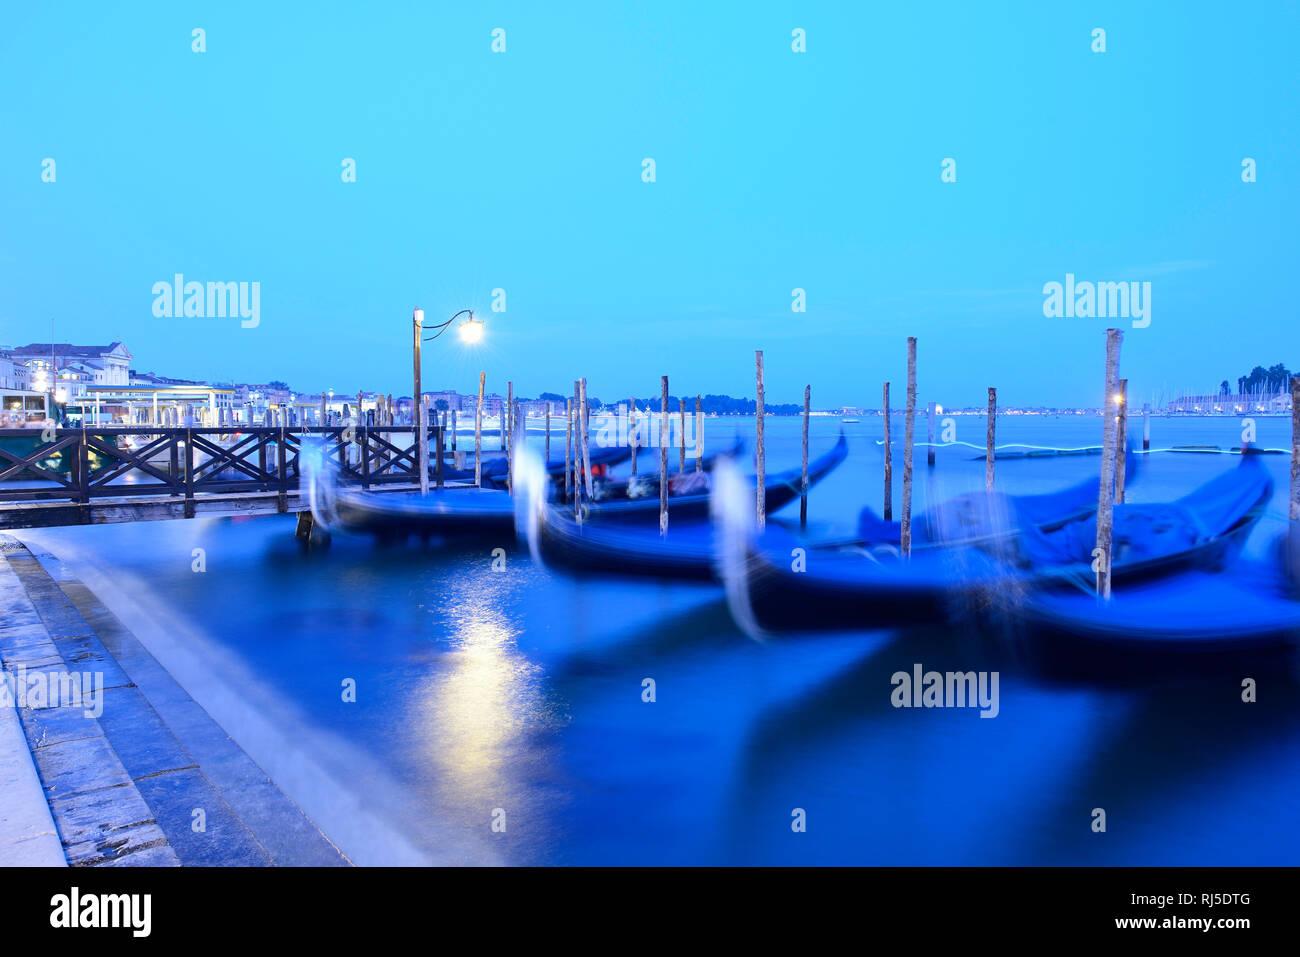 Venezianische Gondeln wiegen sich im Wasser - Stock Image